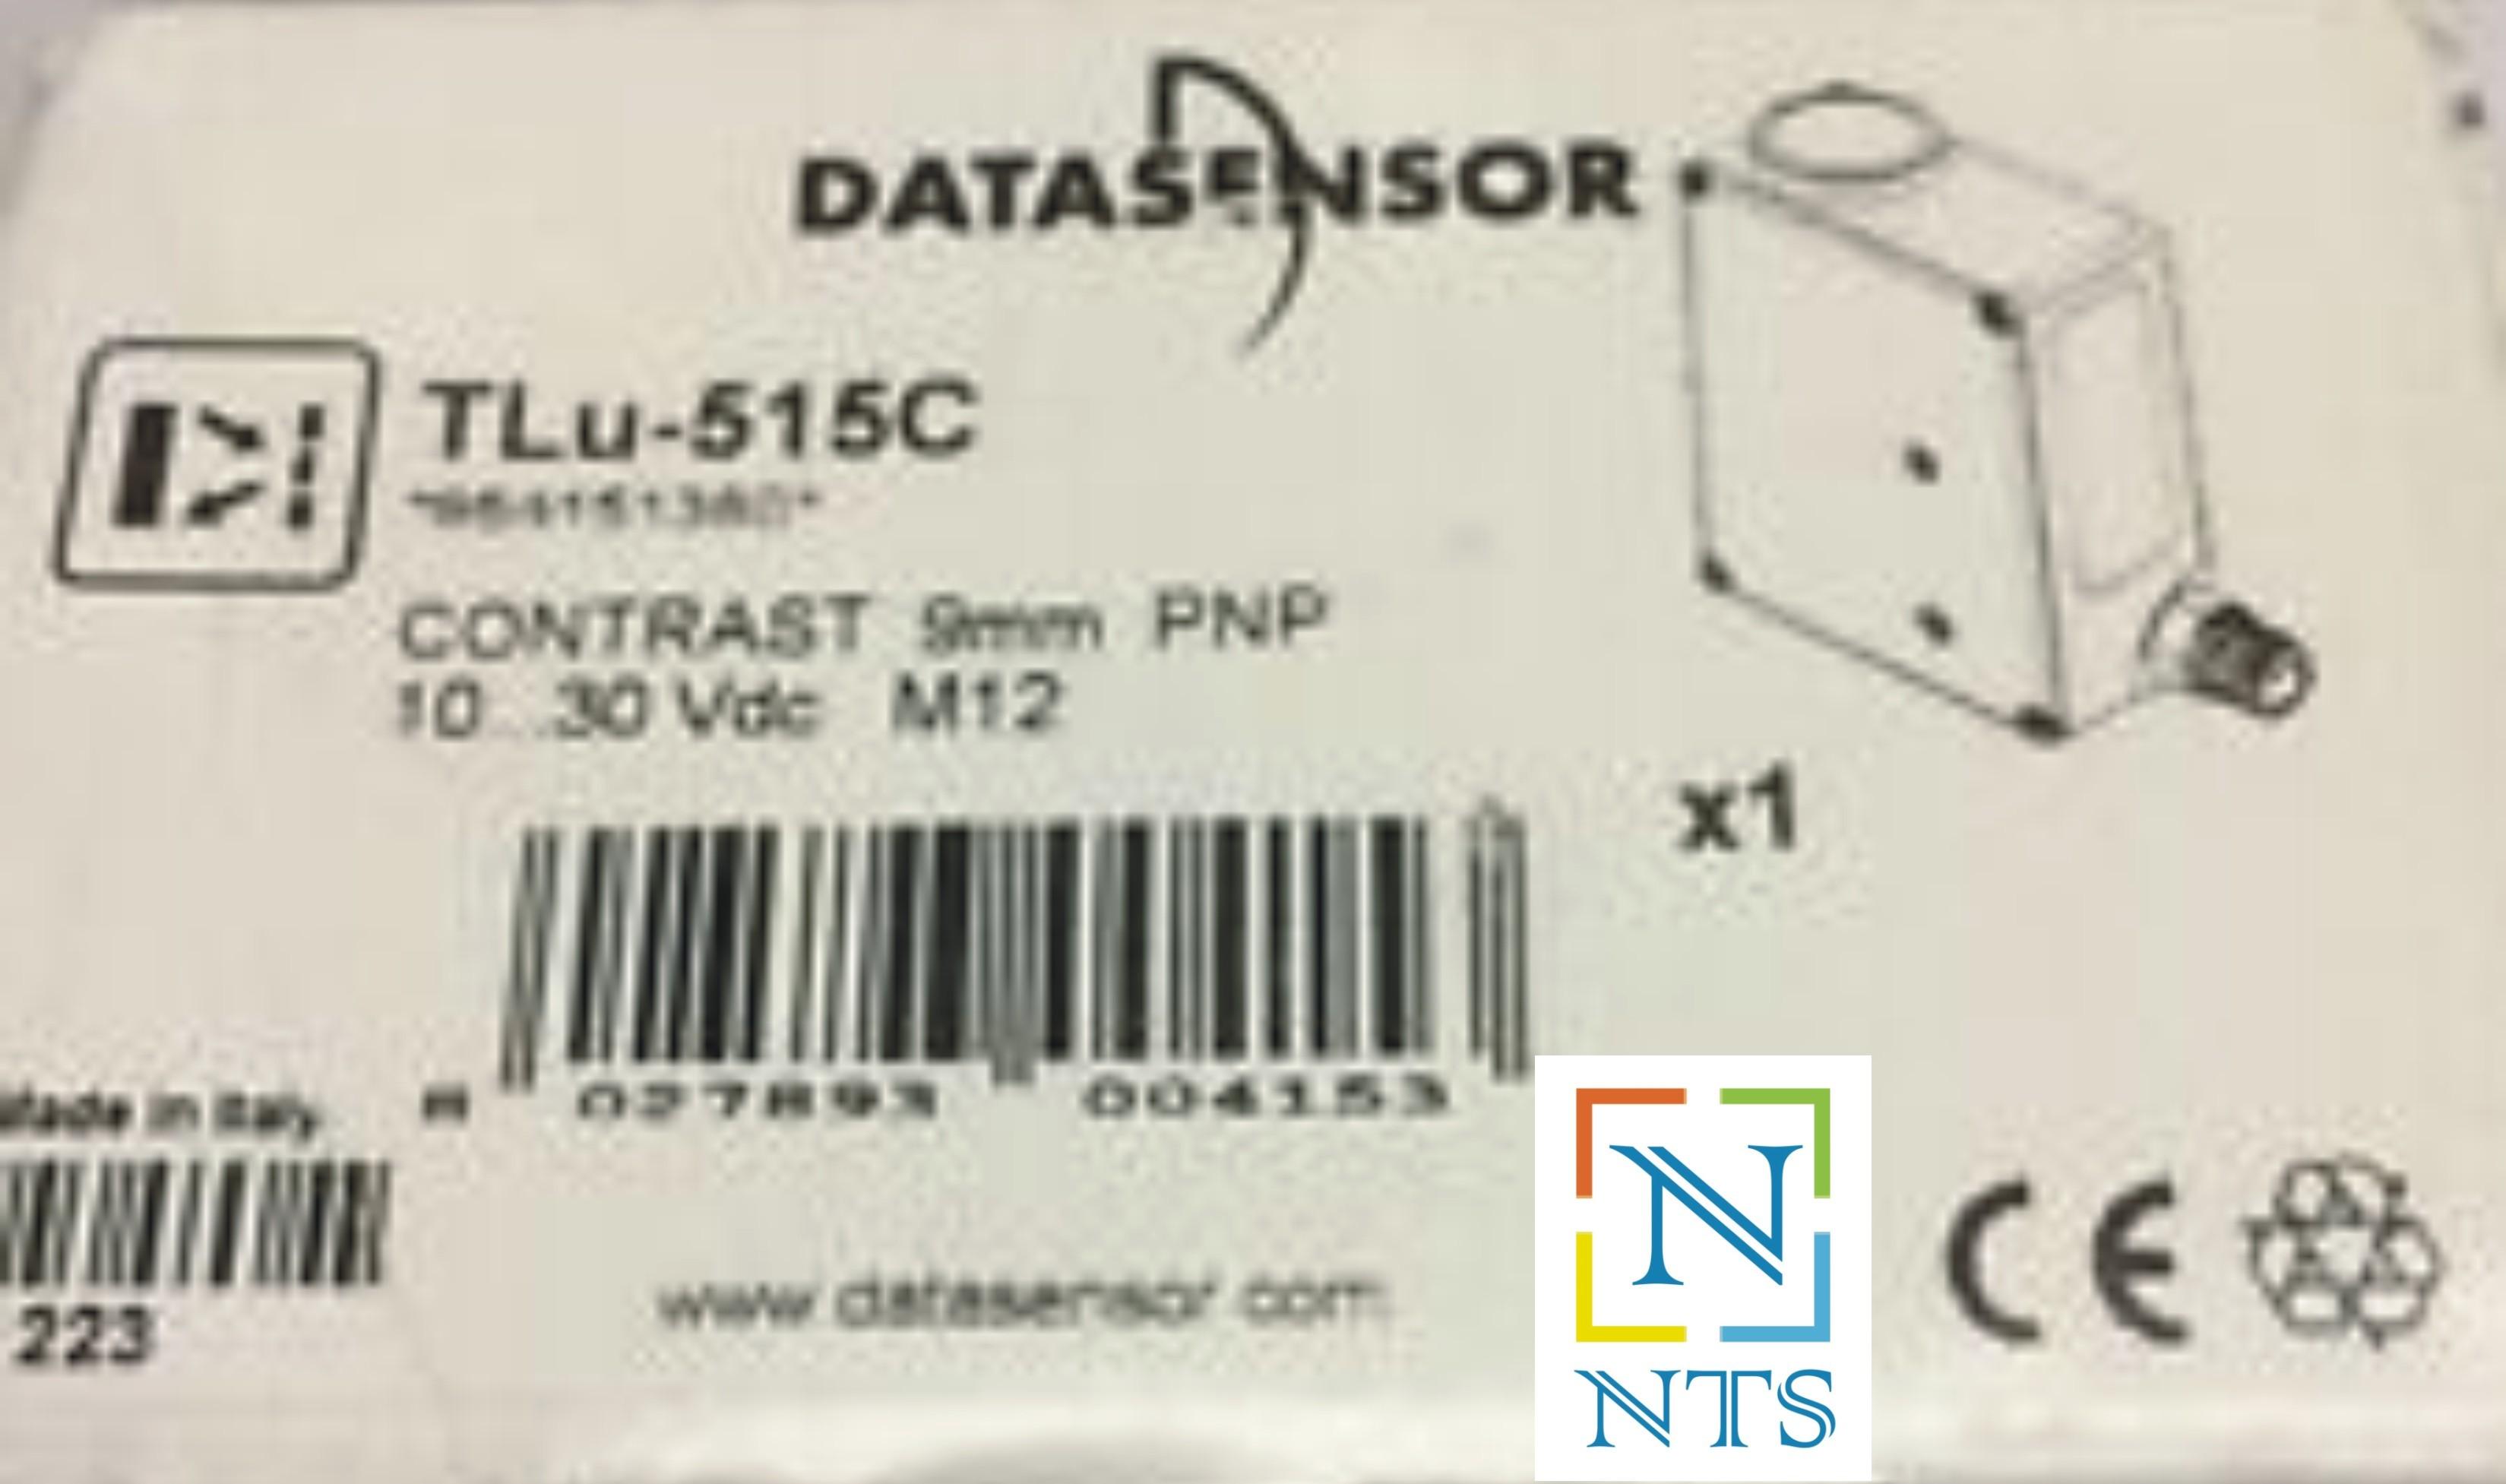 DataLogic TLu-515C Color Sensor